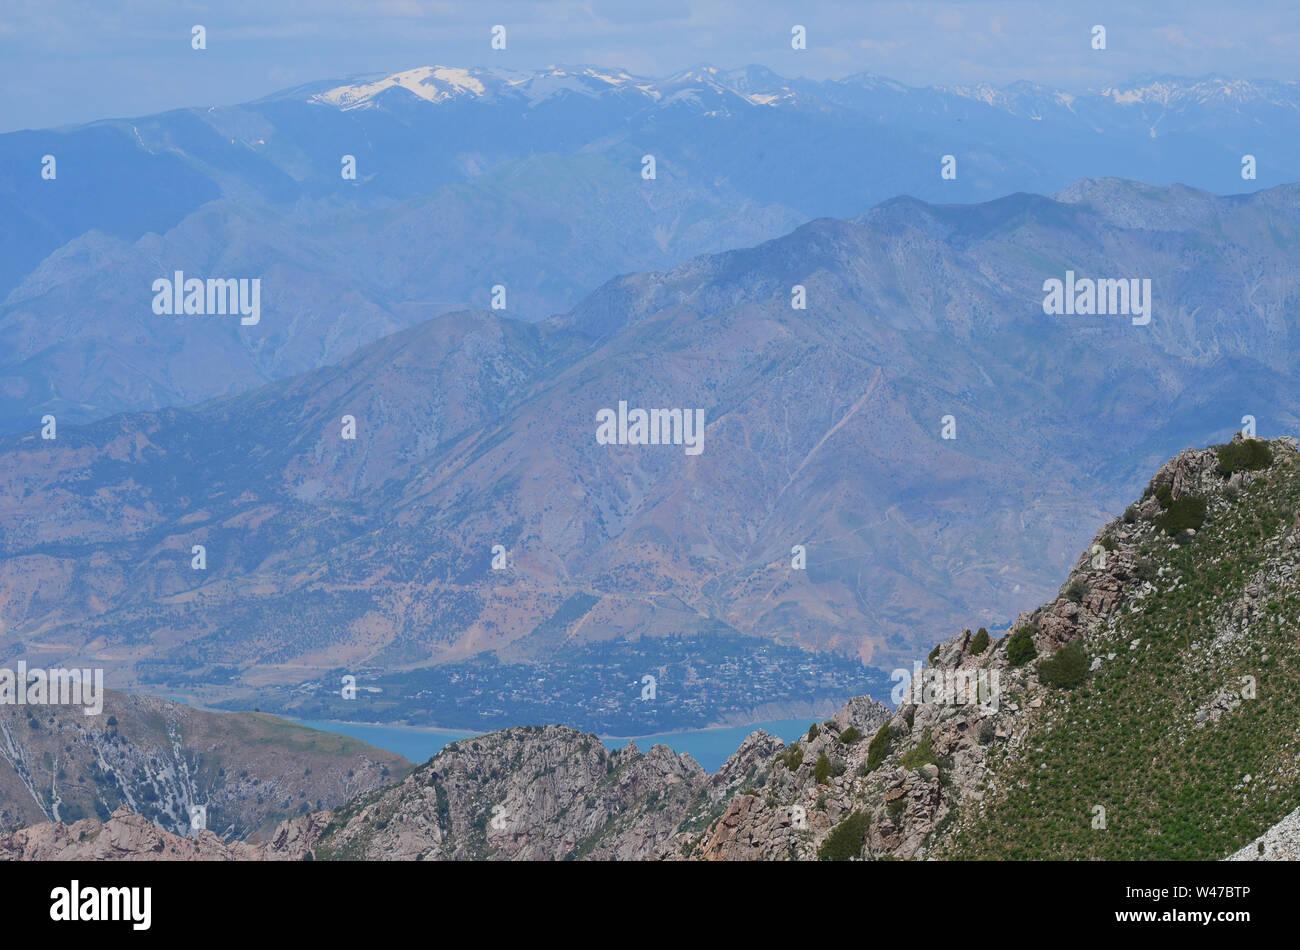 Climb of Greater Chingam peak, Ugam-Chatkal National Park, Uzbekistan Stock Photo